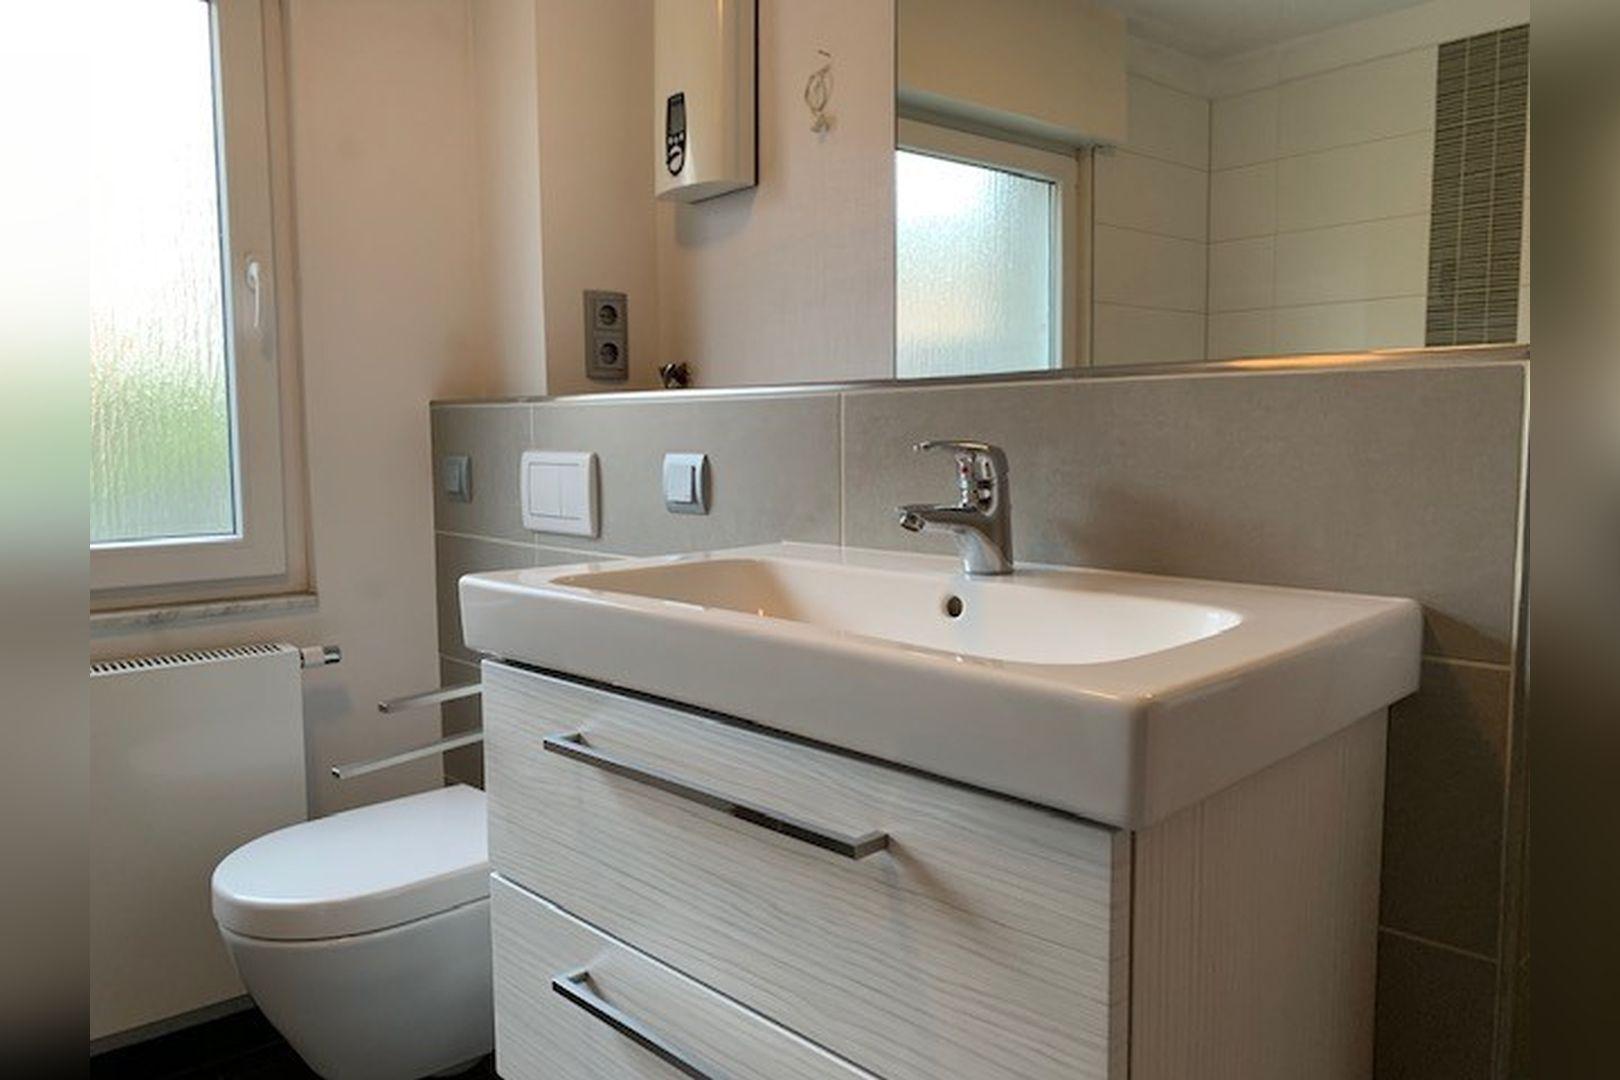 Immobilie Nr.0247 - Maisonette-Whg. über EG u. Sout. mit Loggia u. Garage  - Bild 14.jpg